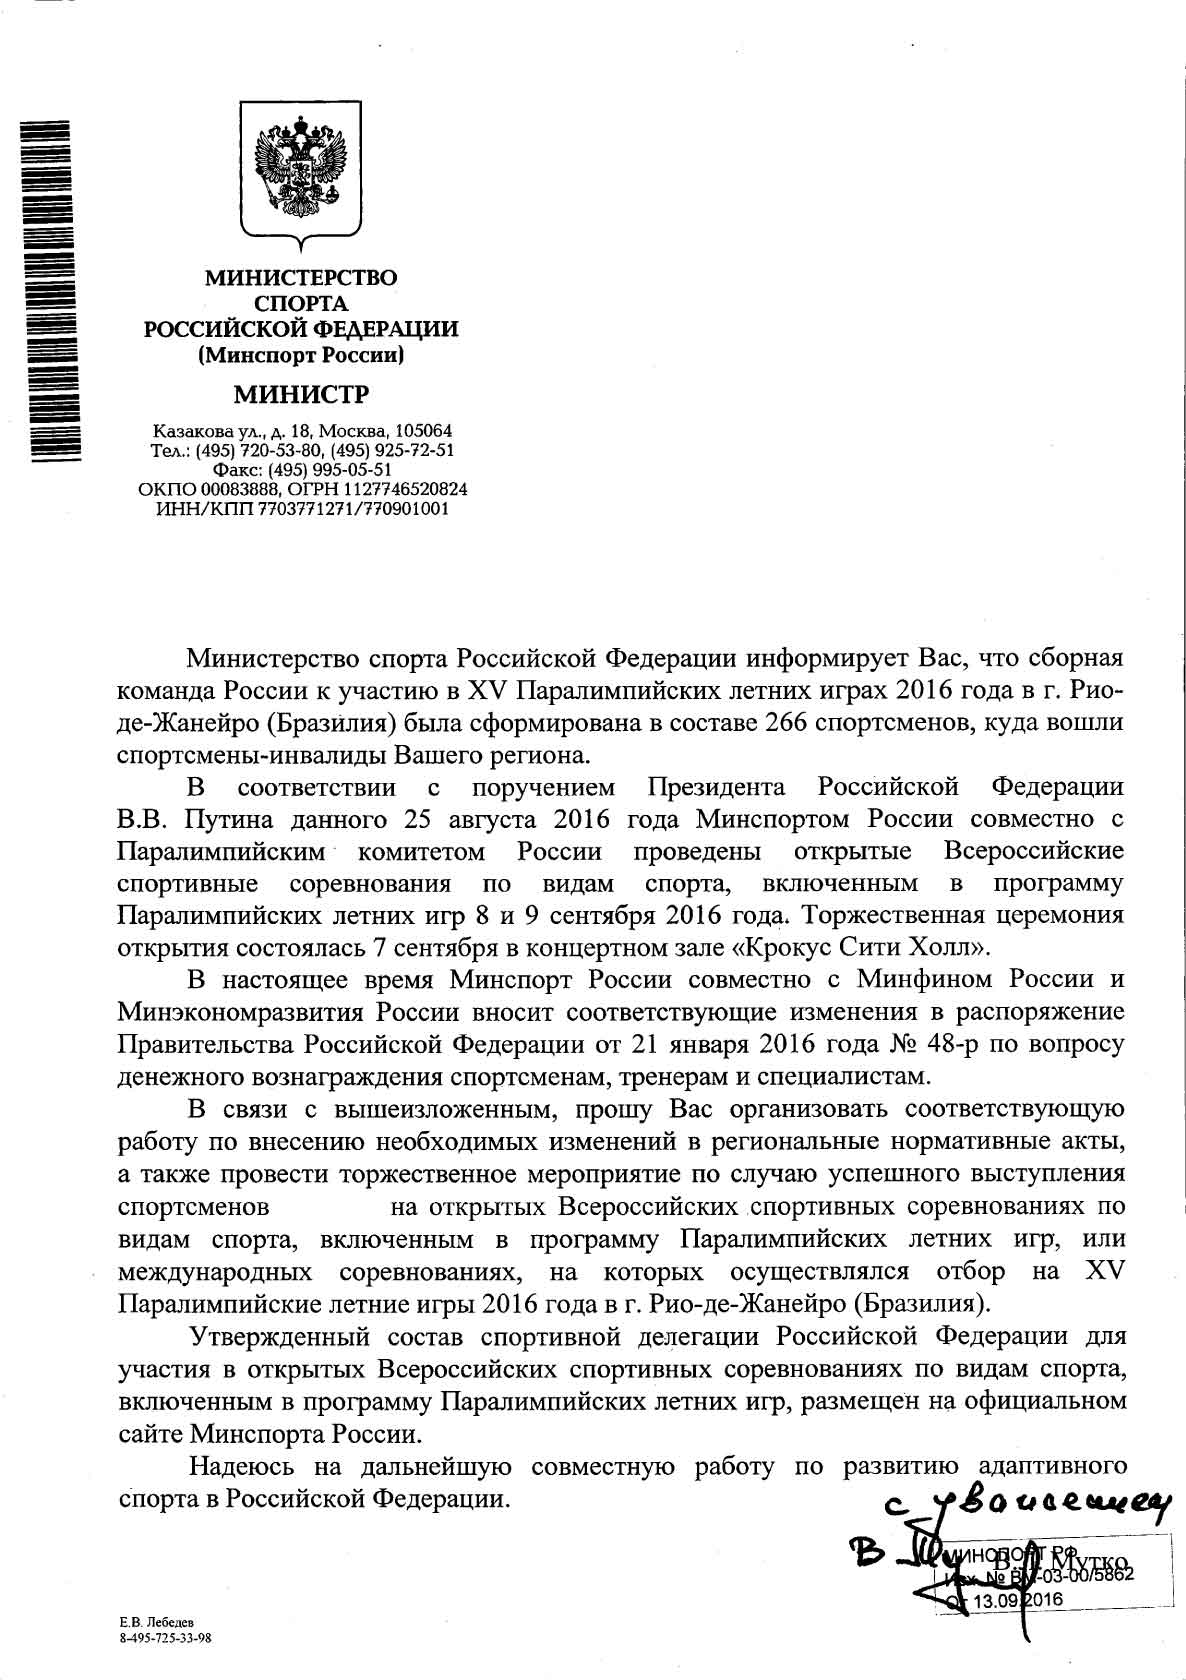 Министр спорта РФ В.Л. Мутко направил руководителям субъектов Российской Федерации письмо о поддержке спортсменов сборной команды России